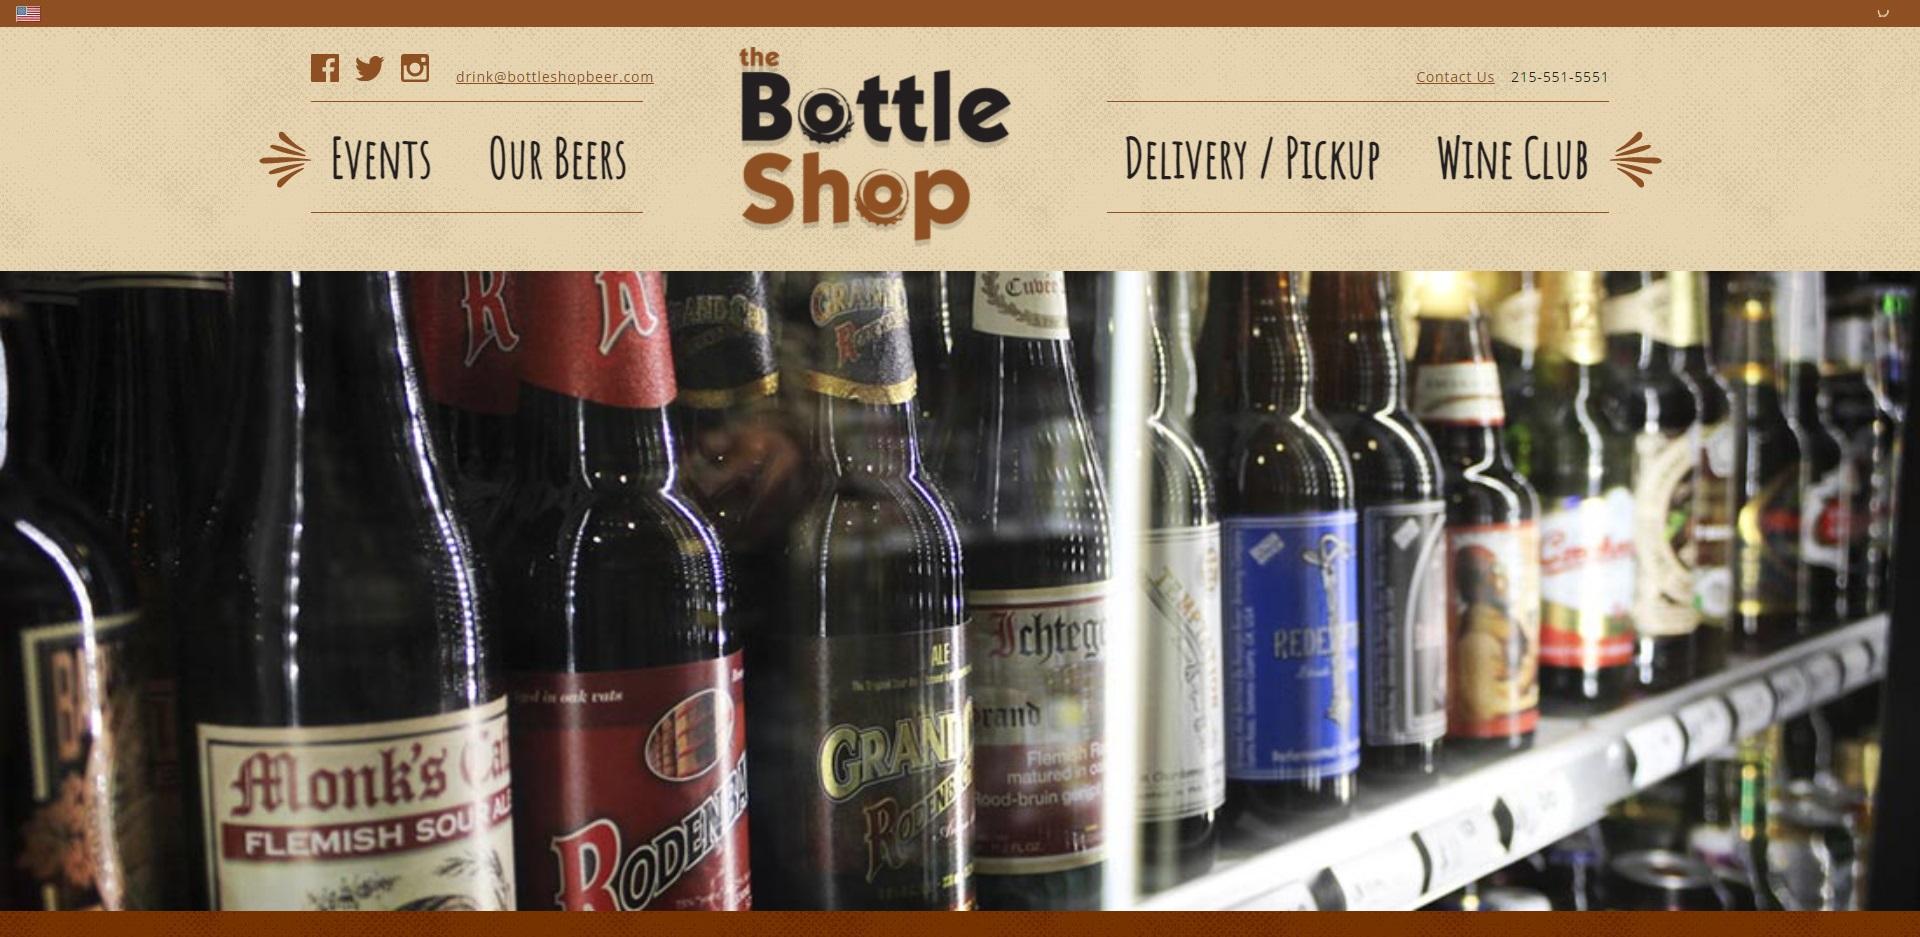 5 Best Bottleshops in Philadelphia